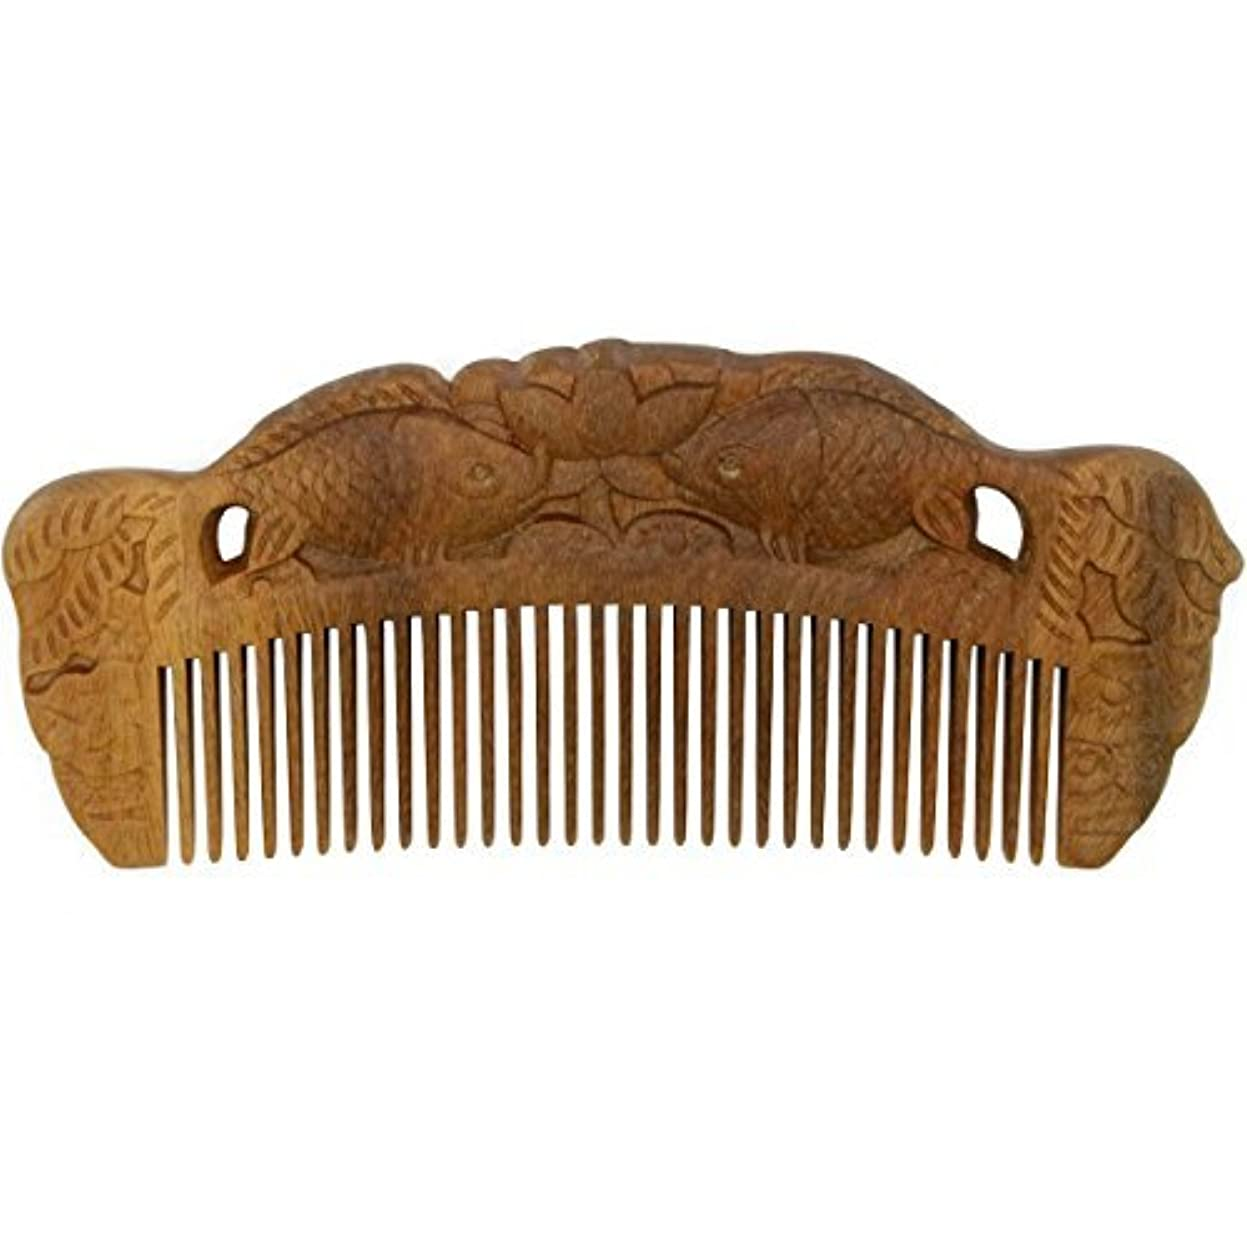 氏望ましい浸したYOY Handmade Carved Natural Sandalwood Hair Comb - Anti-static No Snag Brush for Men's Mustache Beard Care Anti Dandruff Women Girls Head Hair Accessory (HC1007) [並行輸入品]